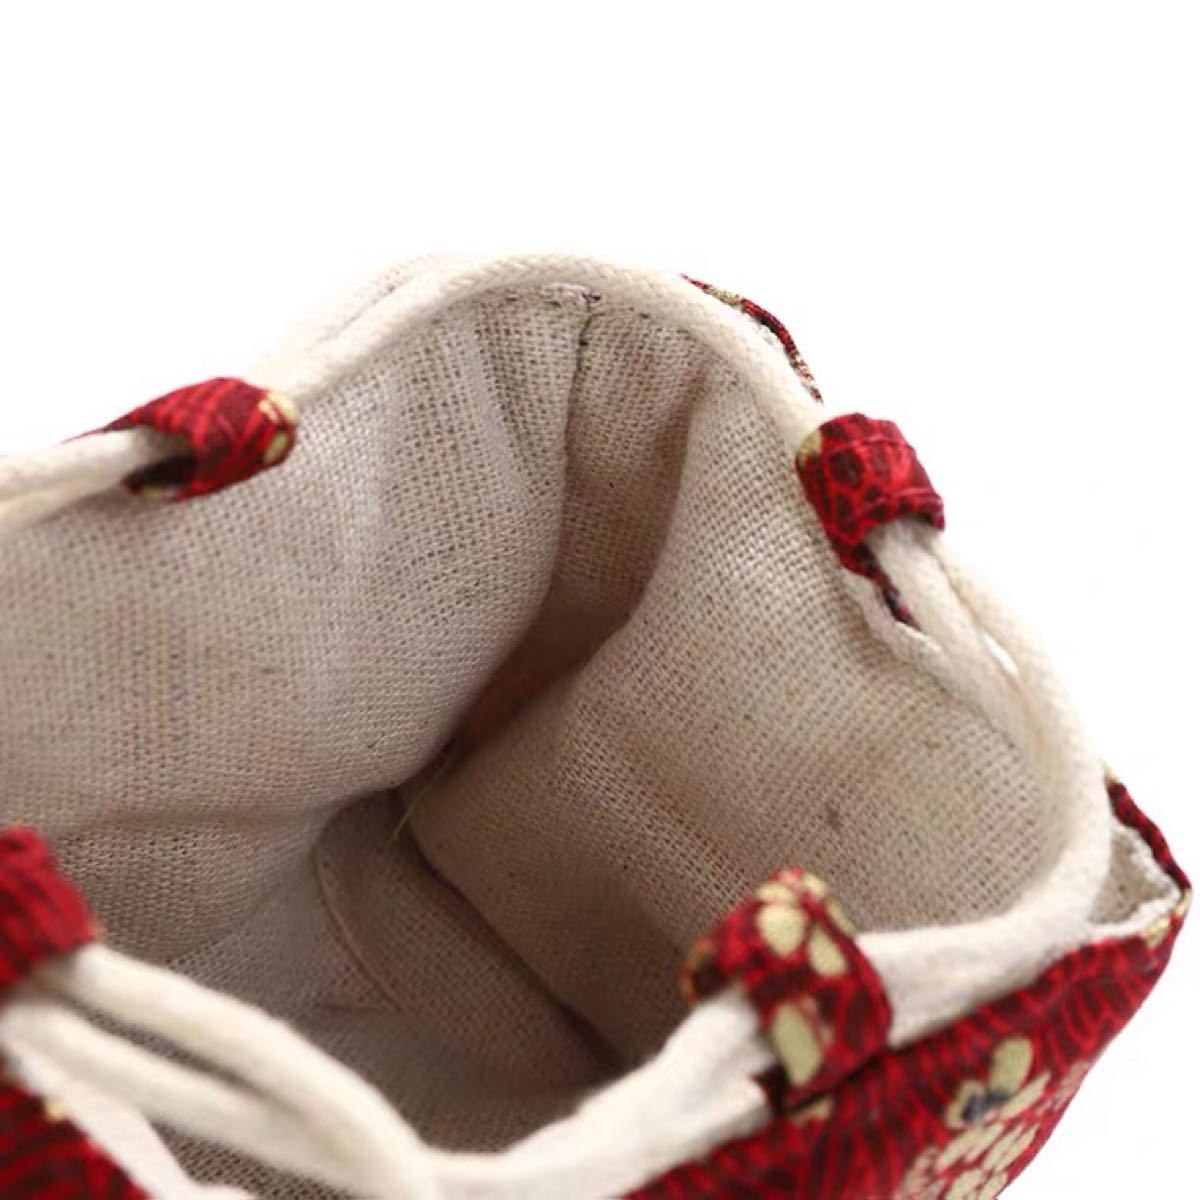 ポーチ 小物入れ 和柄 バッグ お着物のハンドバッグ 和風 巾着 化粧ポーチ